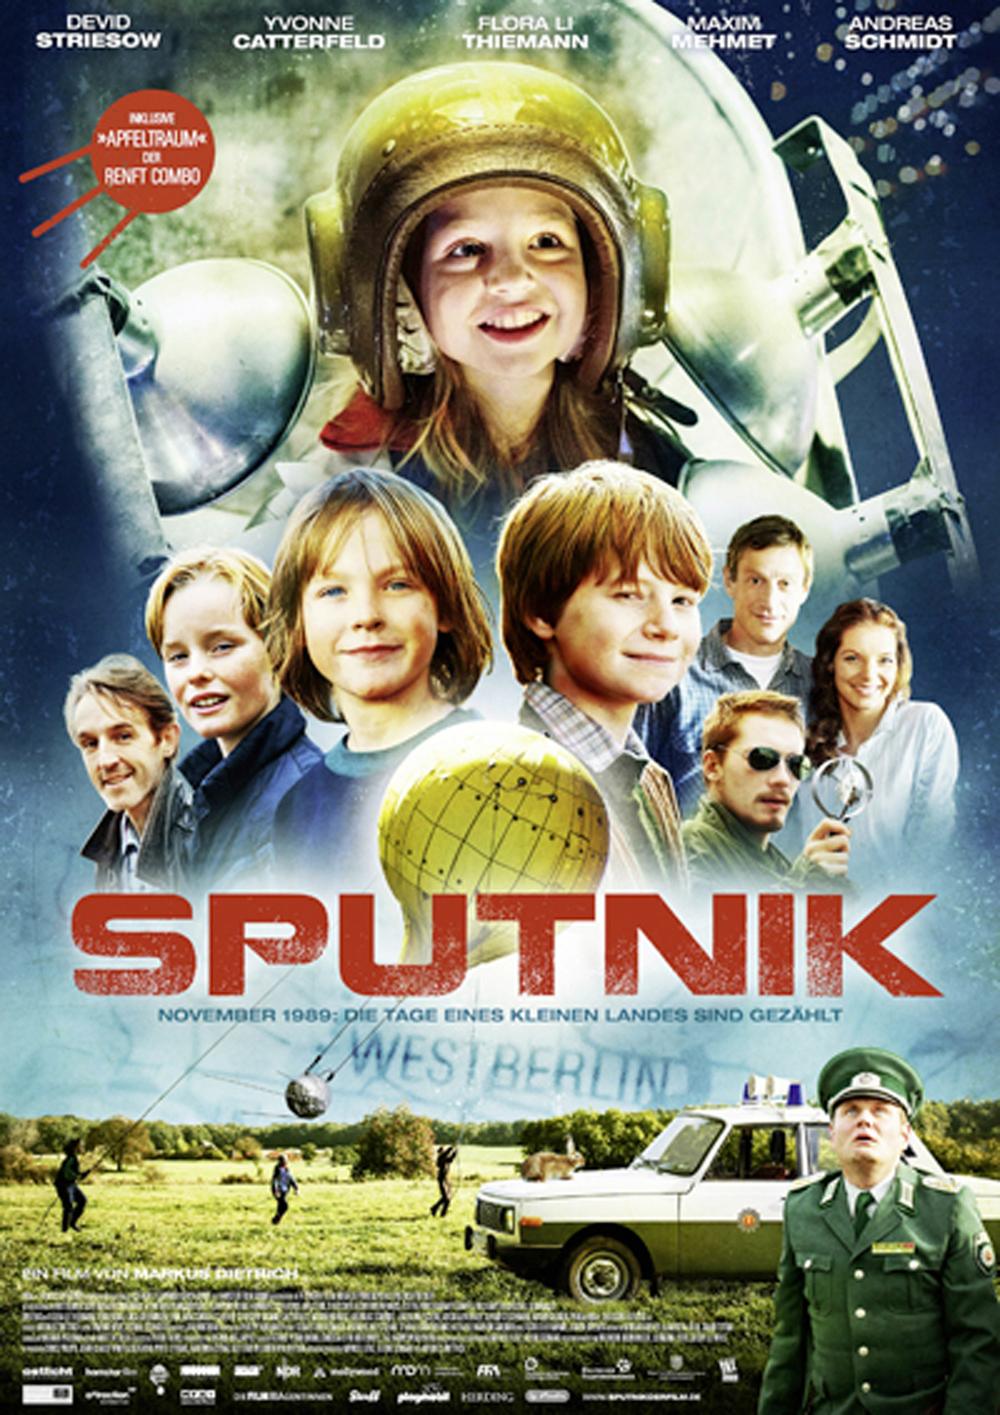 Claritta Kratochwil - Sputnik_ostlicht filmproduktion.jpg